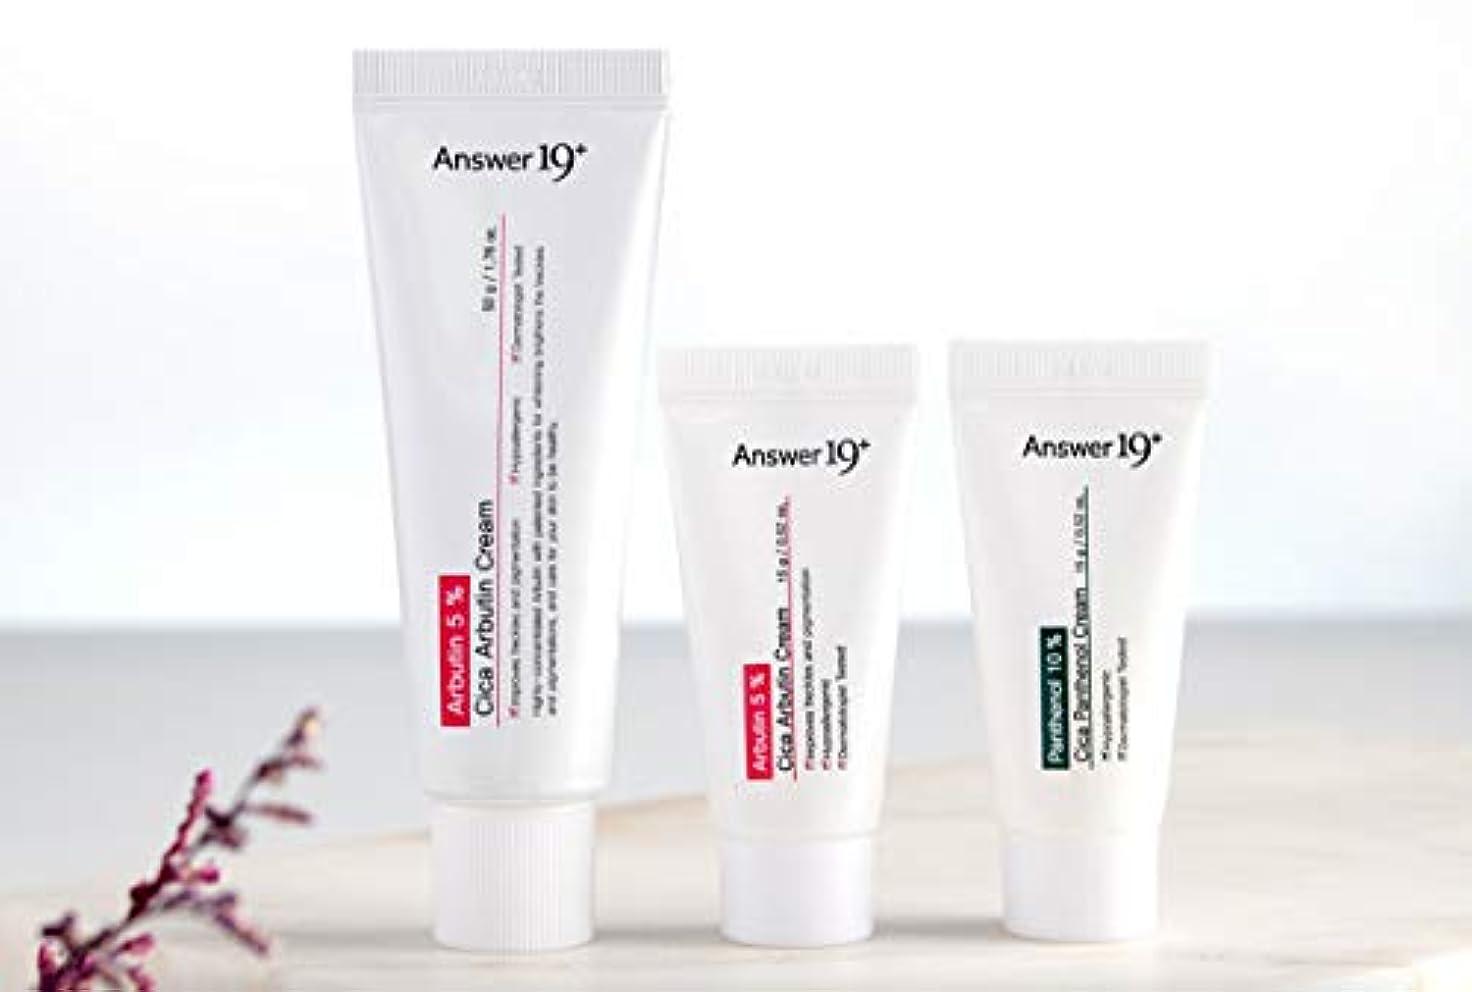 成果にんじんずらすCICAアルブチンクリームセット(50g + 15g + 15g) - アルブチン5%、保湿